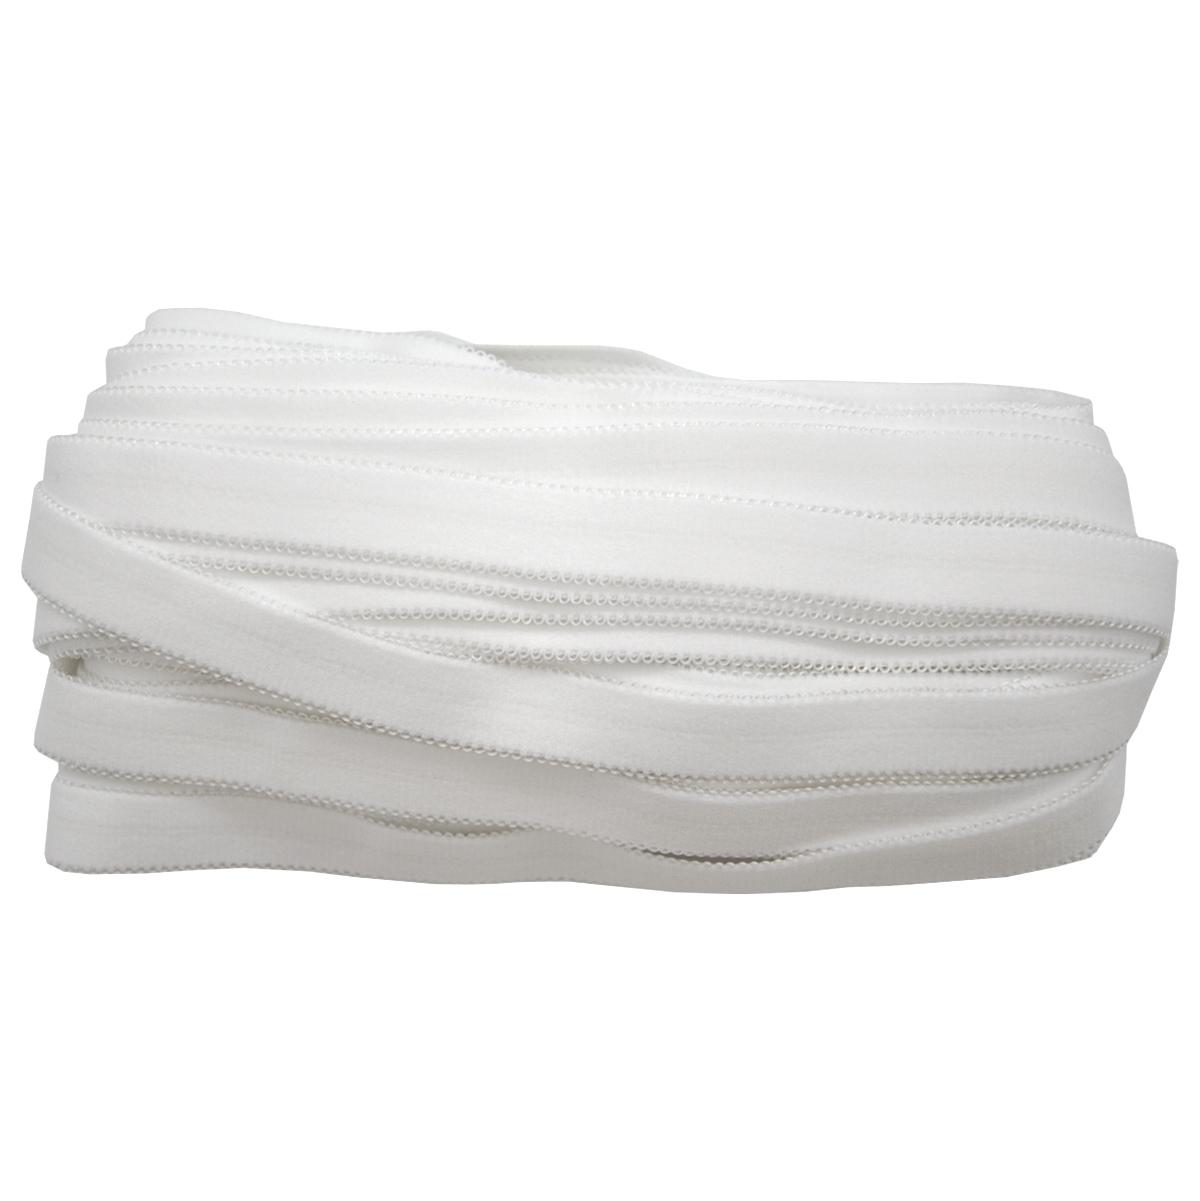 ST/26 эластичная бретелечная лента 18мм*25м, белый